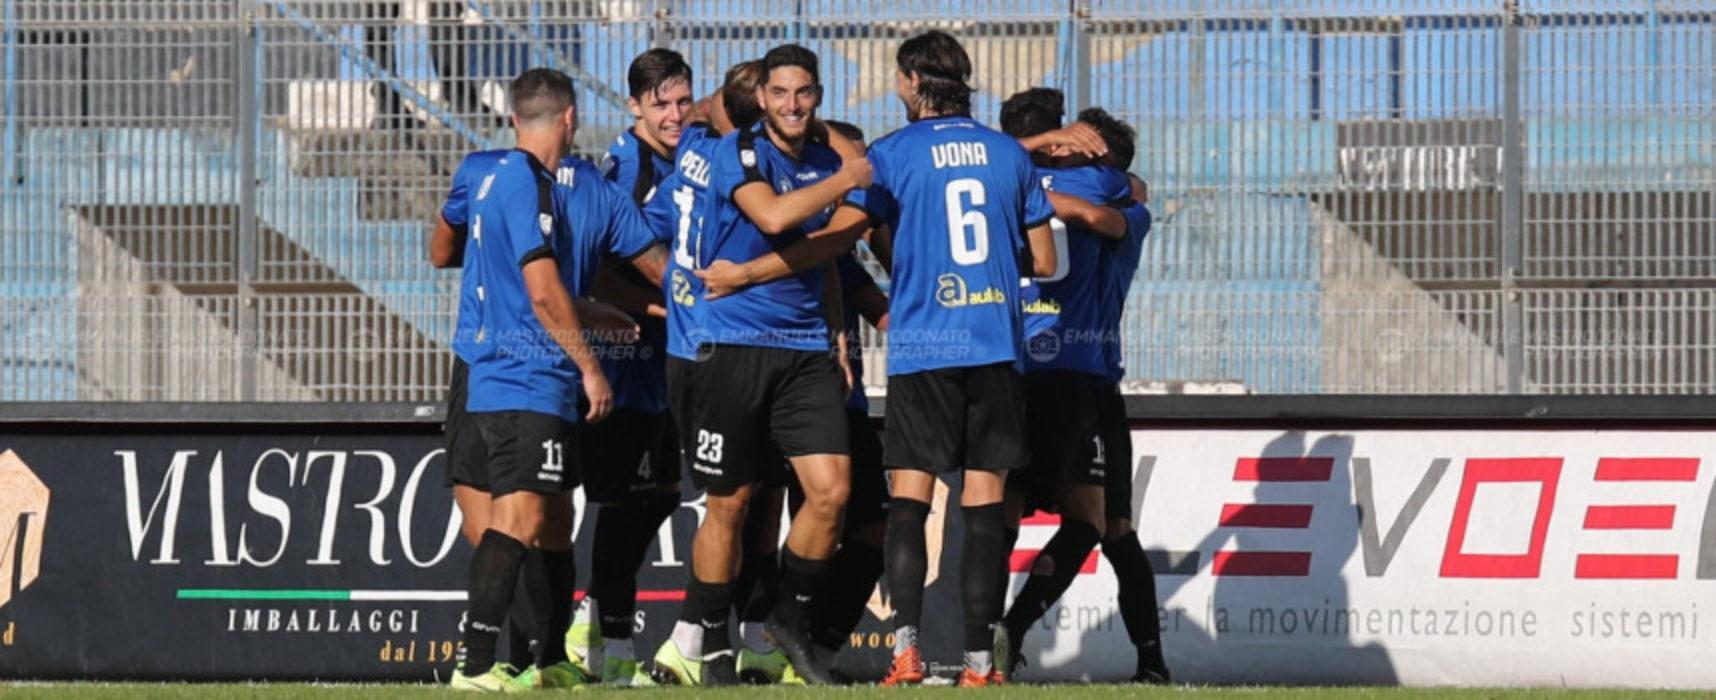 Bisceglie Calcio, definite date e orari dei recuperi con Monopoli e Catania